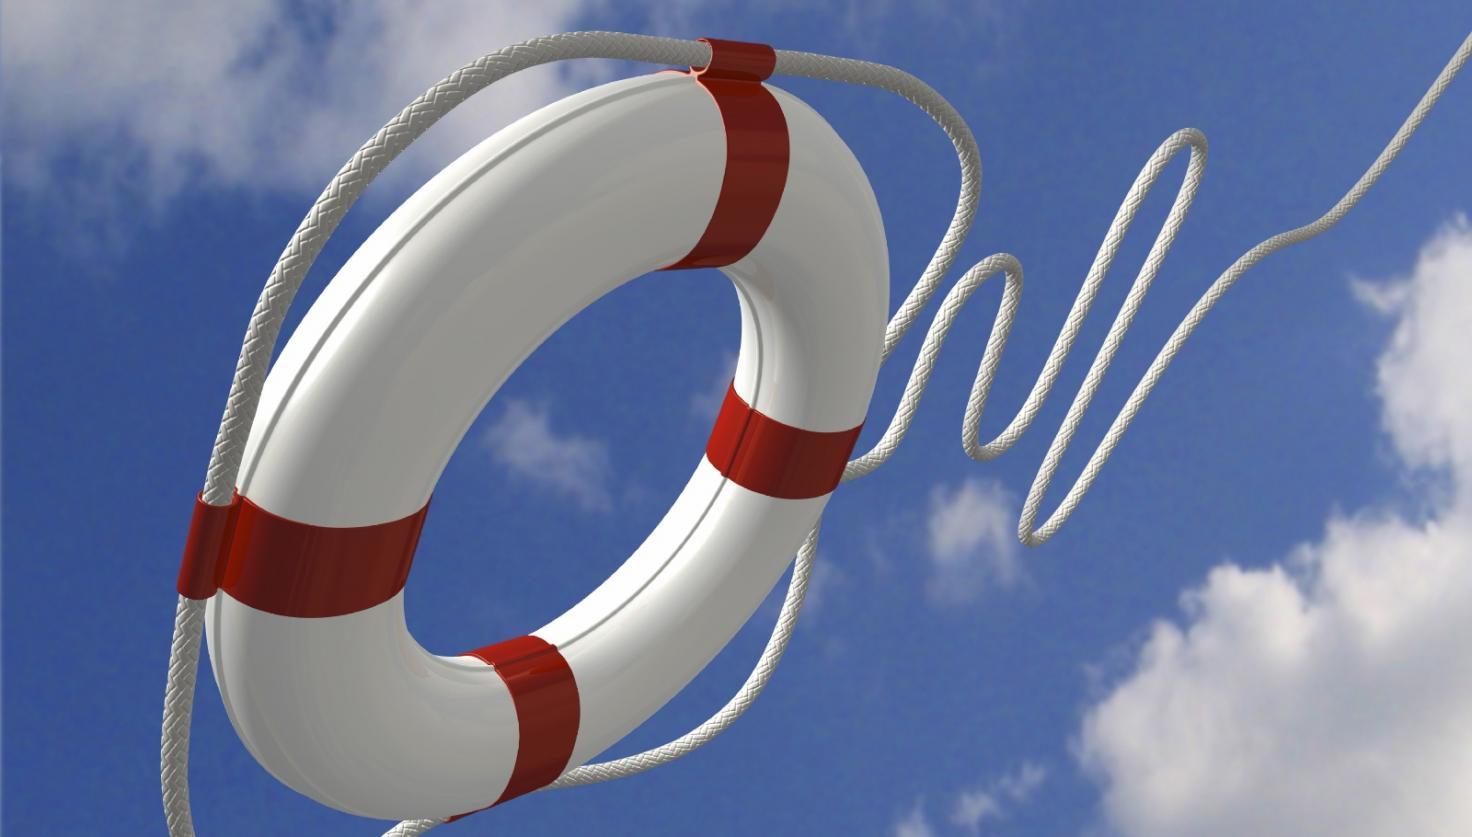 Чрезвычайные ситуации в 2015 году обошлись страховщикам в 27$ млрд